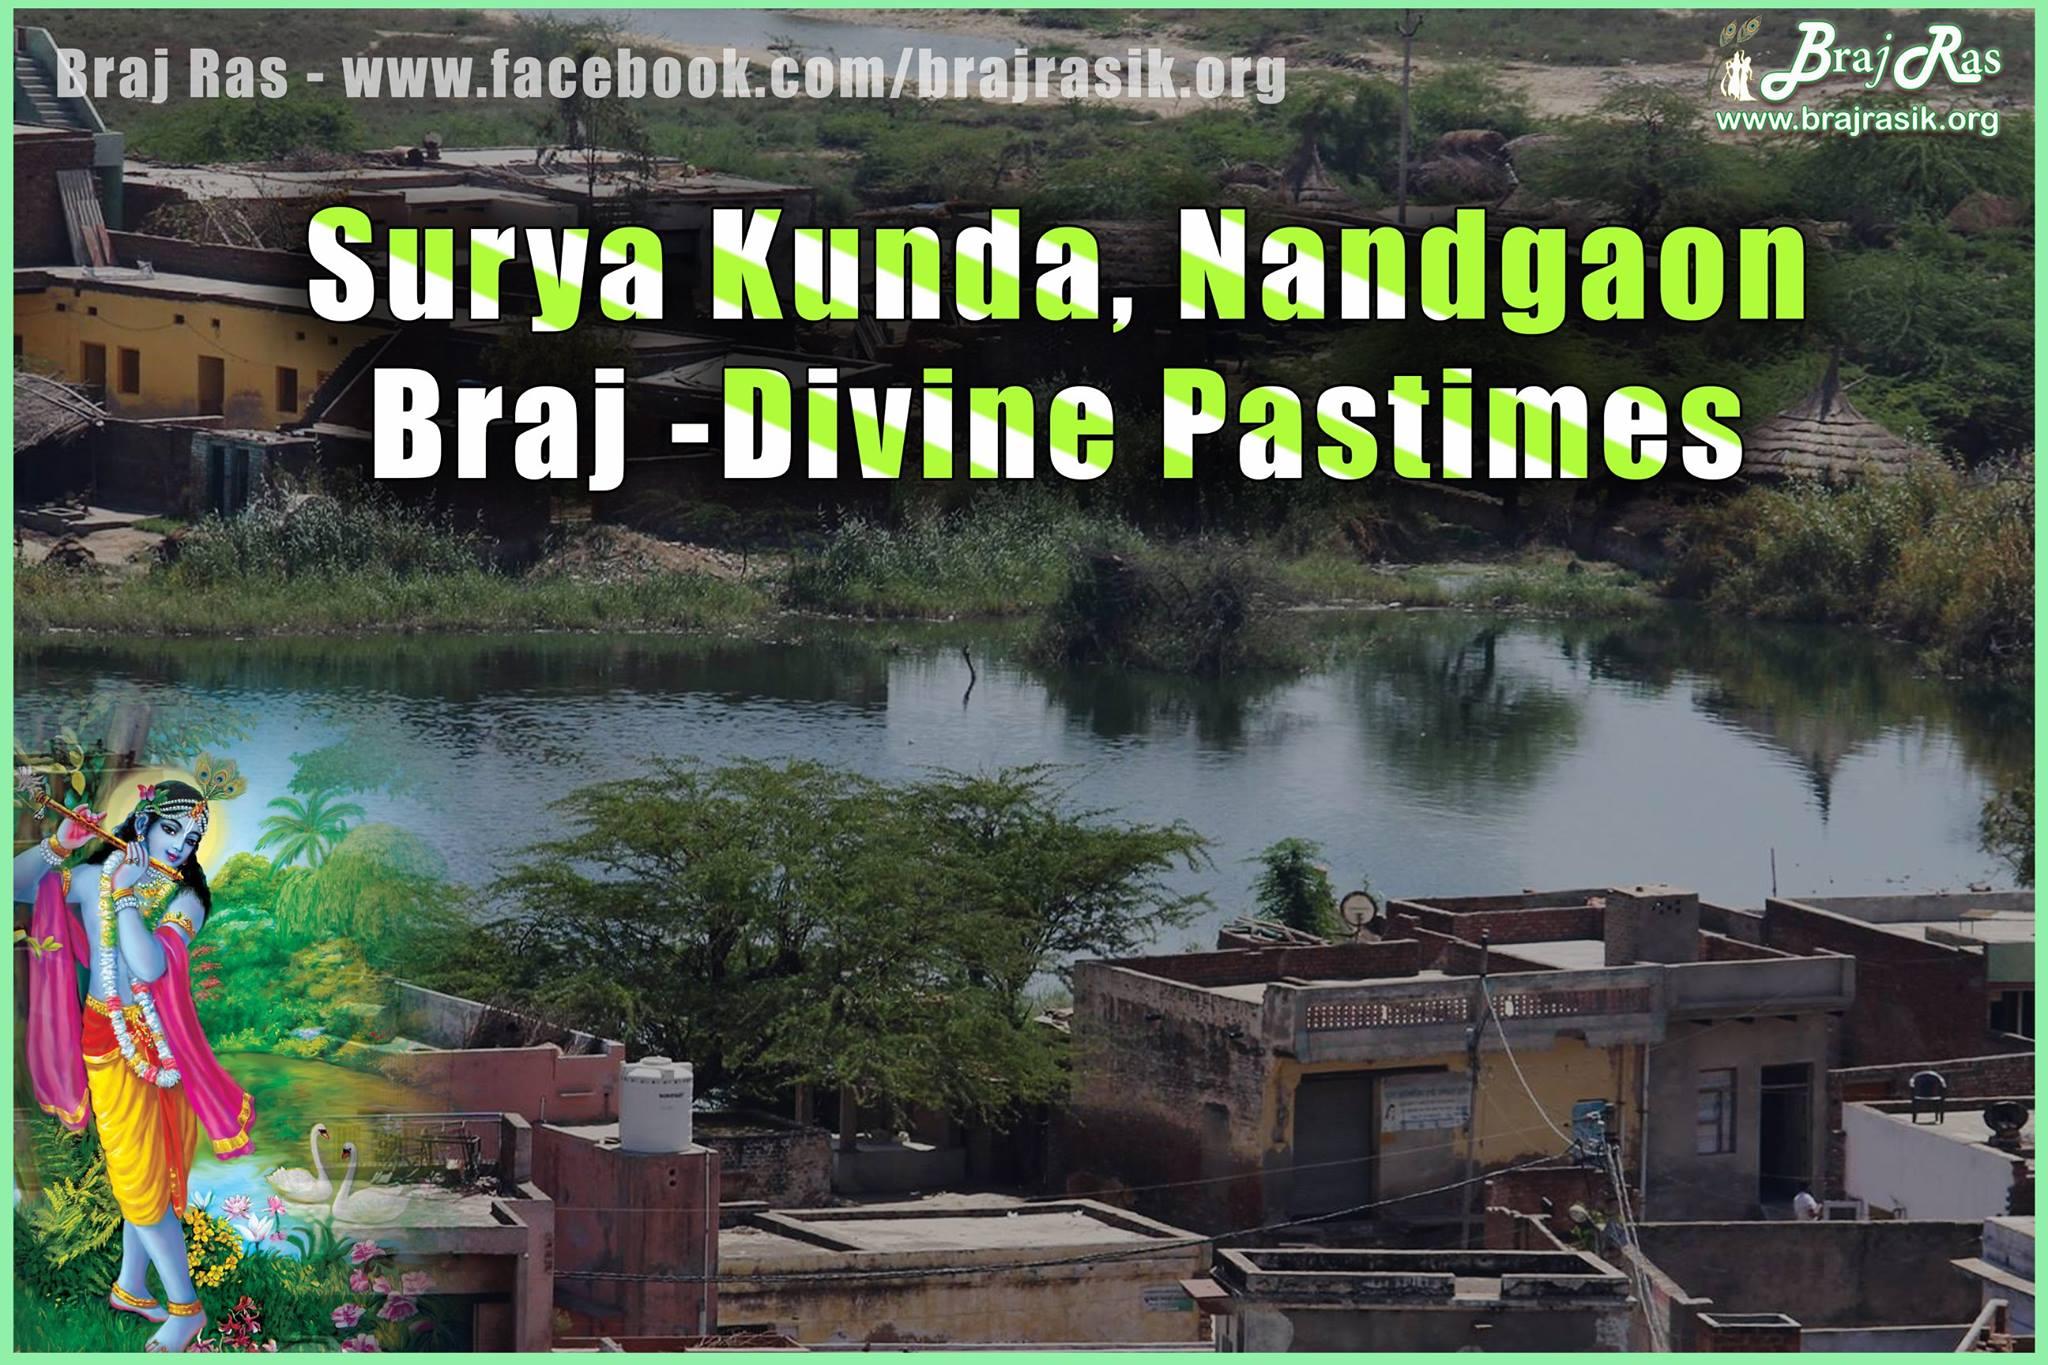 Surya Kund, Nandgaon - Divine Pastimes